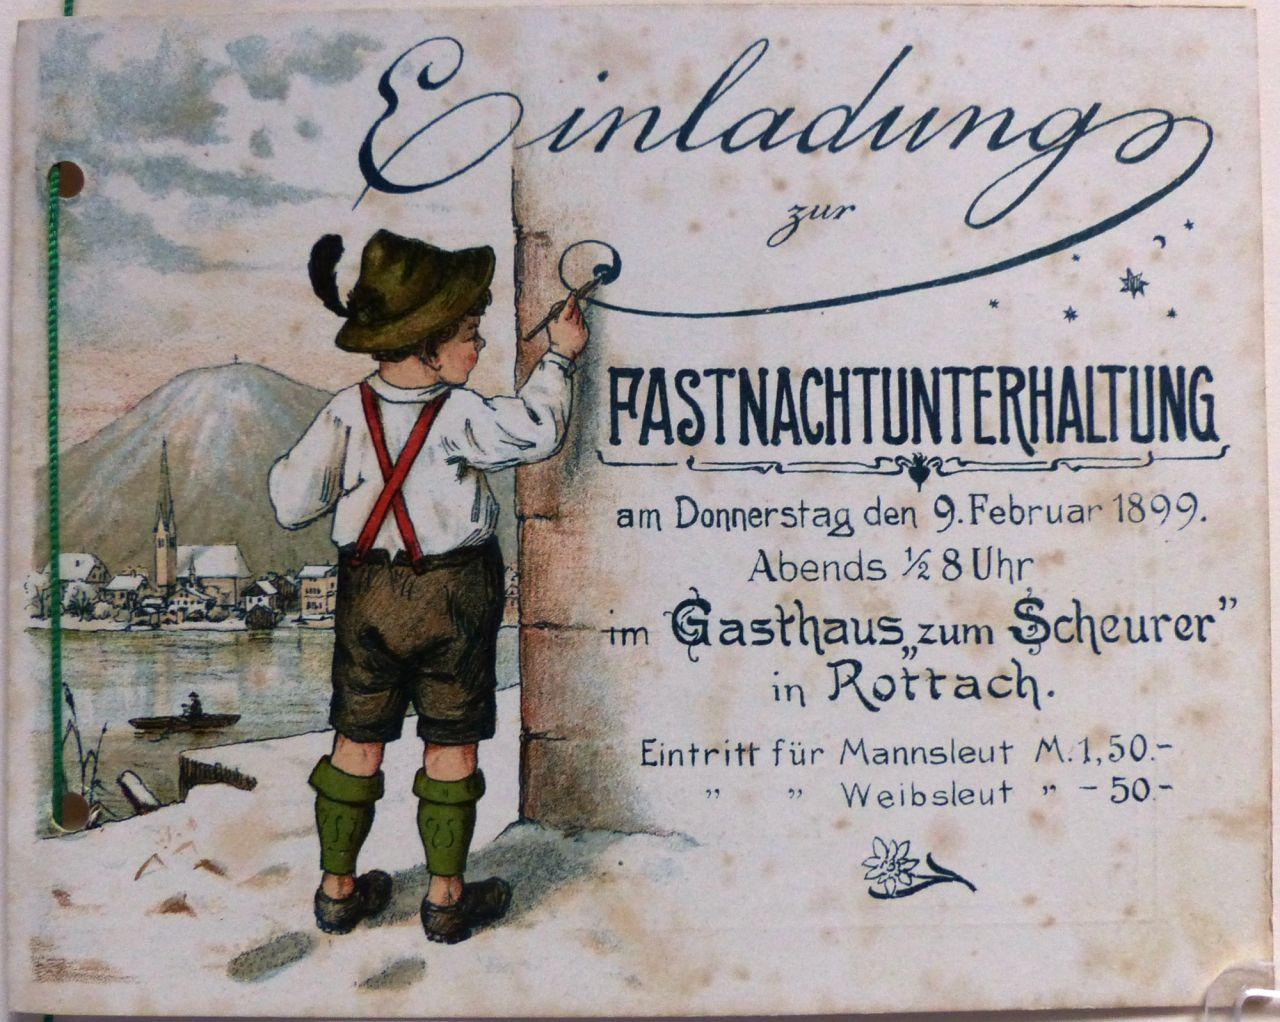 Fastnachts-Unterhaltung 1889 - 1899 - Die Wallberger - Verein zur ...